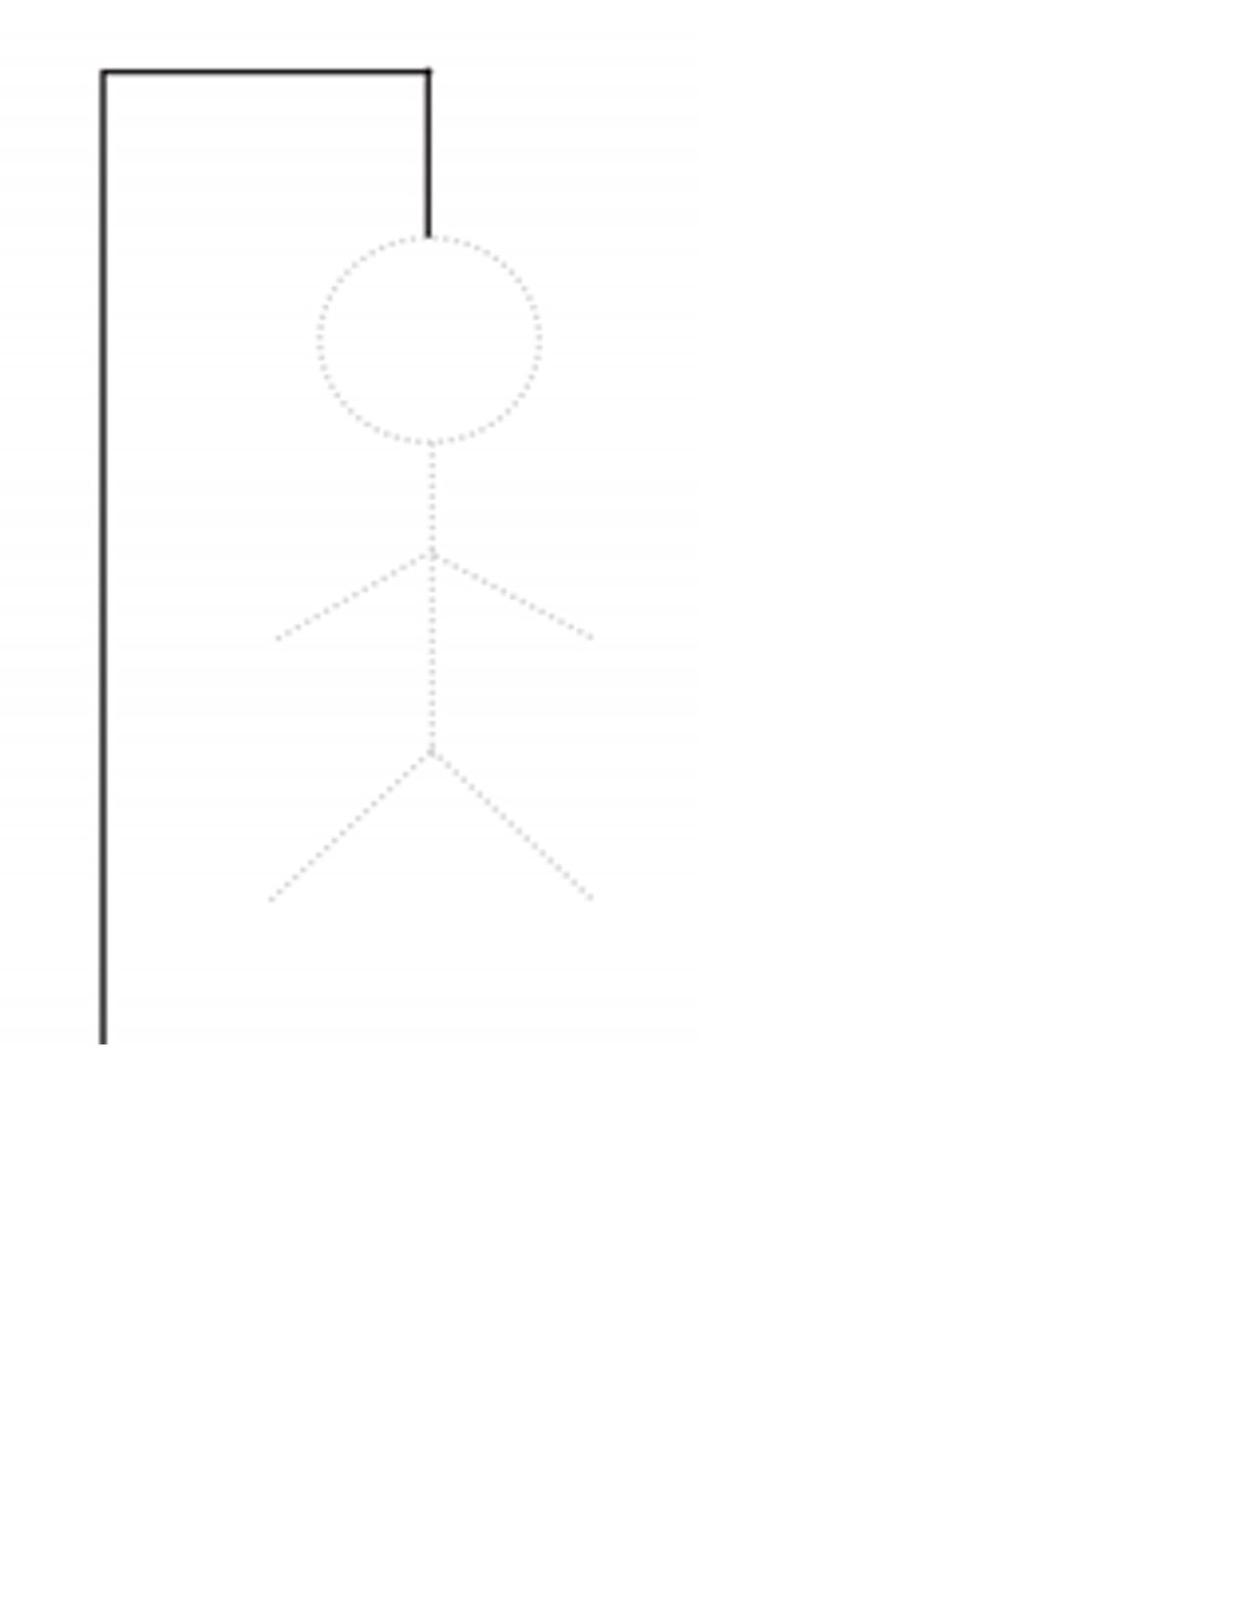 hangman-f.jpg